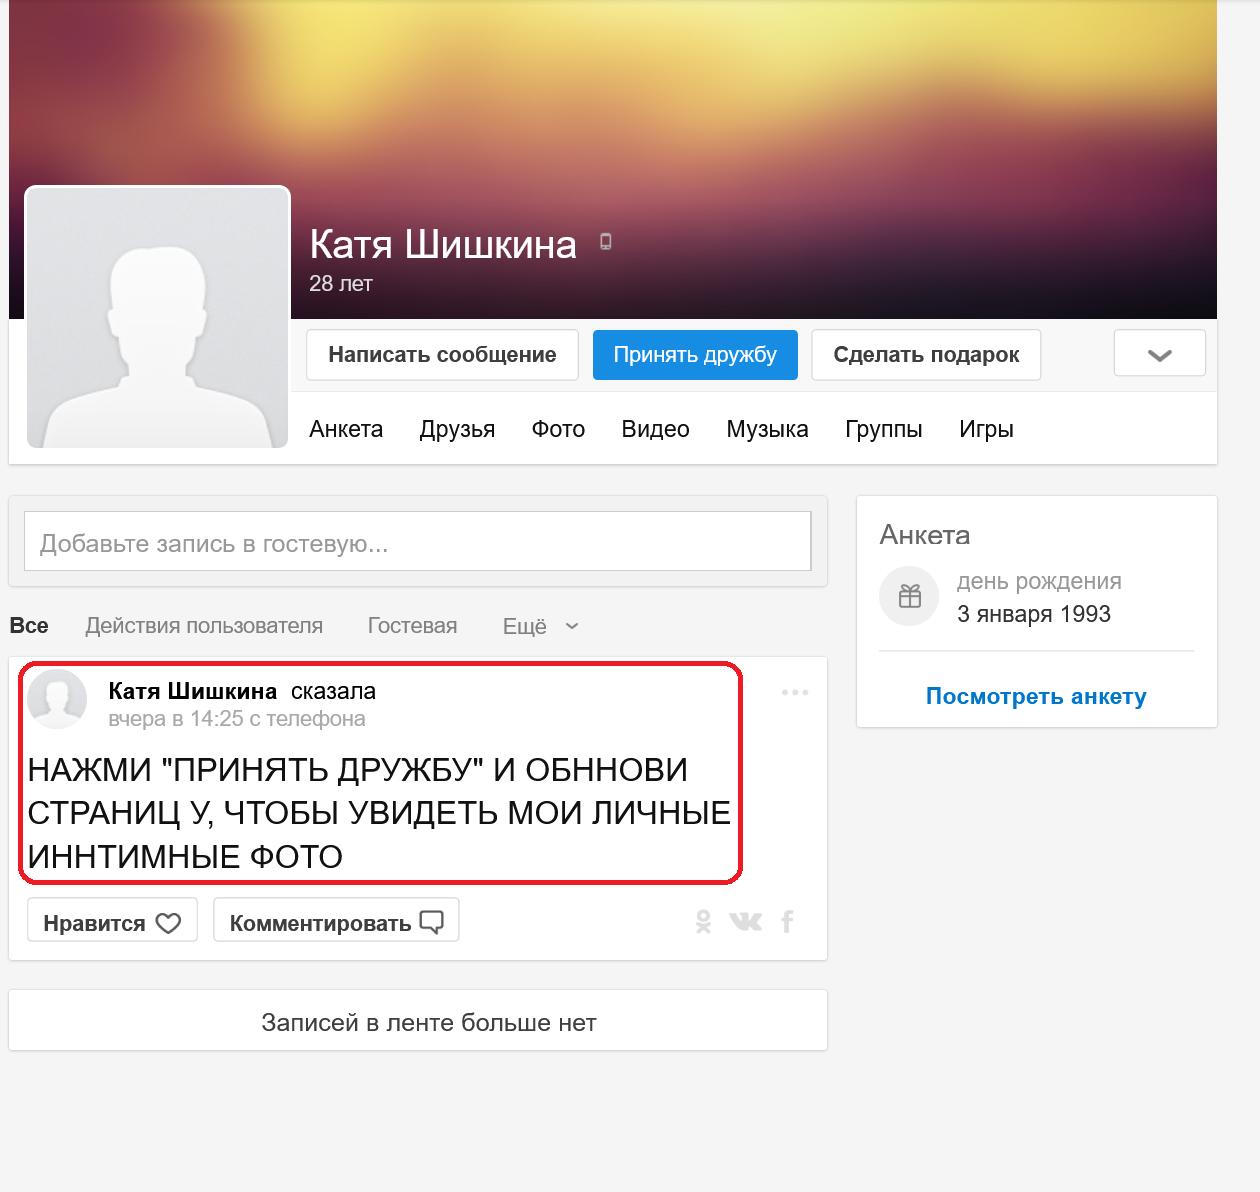 Катя_Шишкина_-_28_лет_на_Мой_Мир@Mail.ru_-_my_.mail_.ru_.png